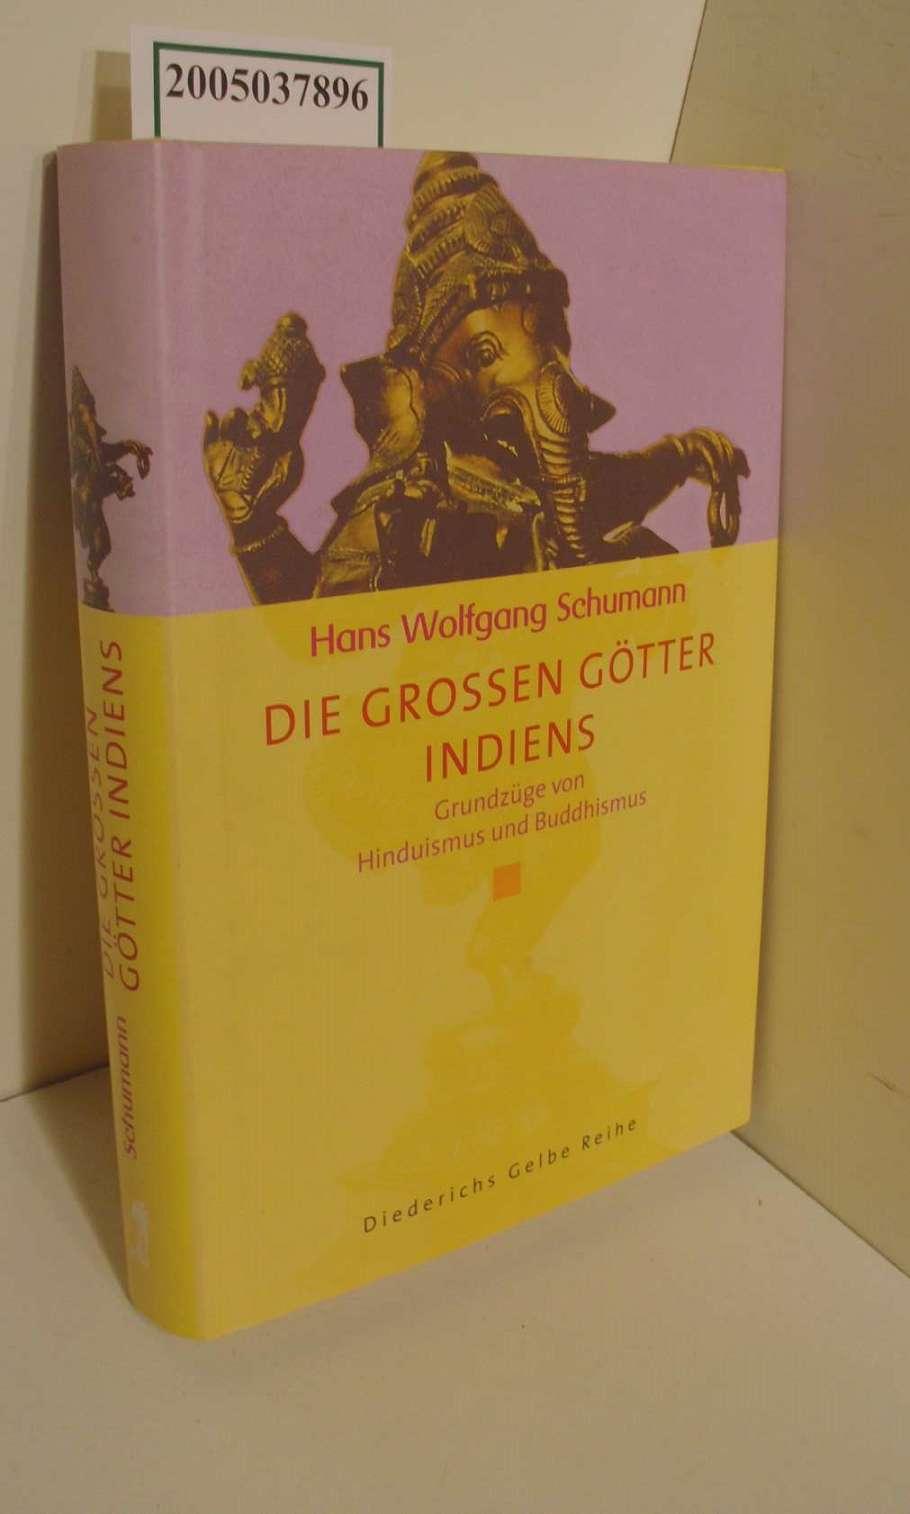 Die grossen Götter Indiens : Grundzüge von Hinduismus und Buddhismus / Hans Wolfgang Schumann / Diederichs Gelbe Reihe